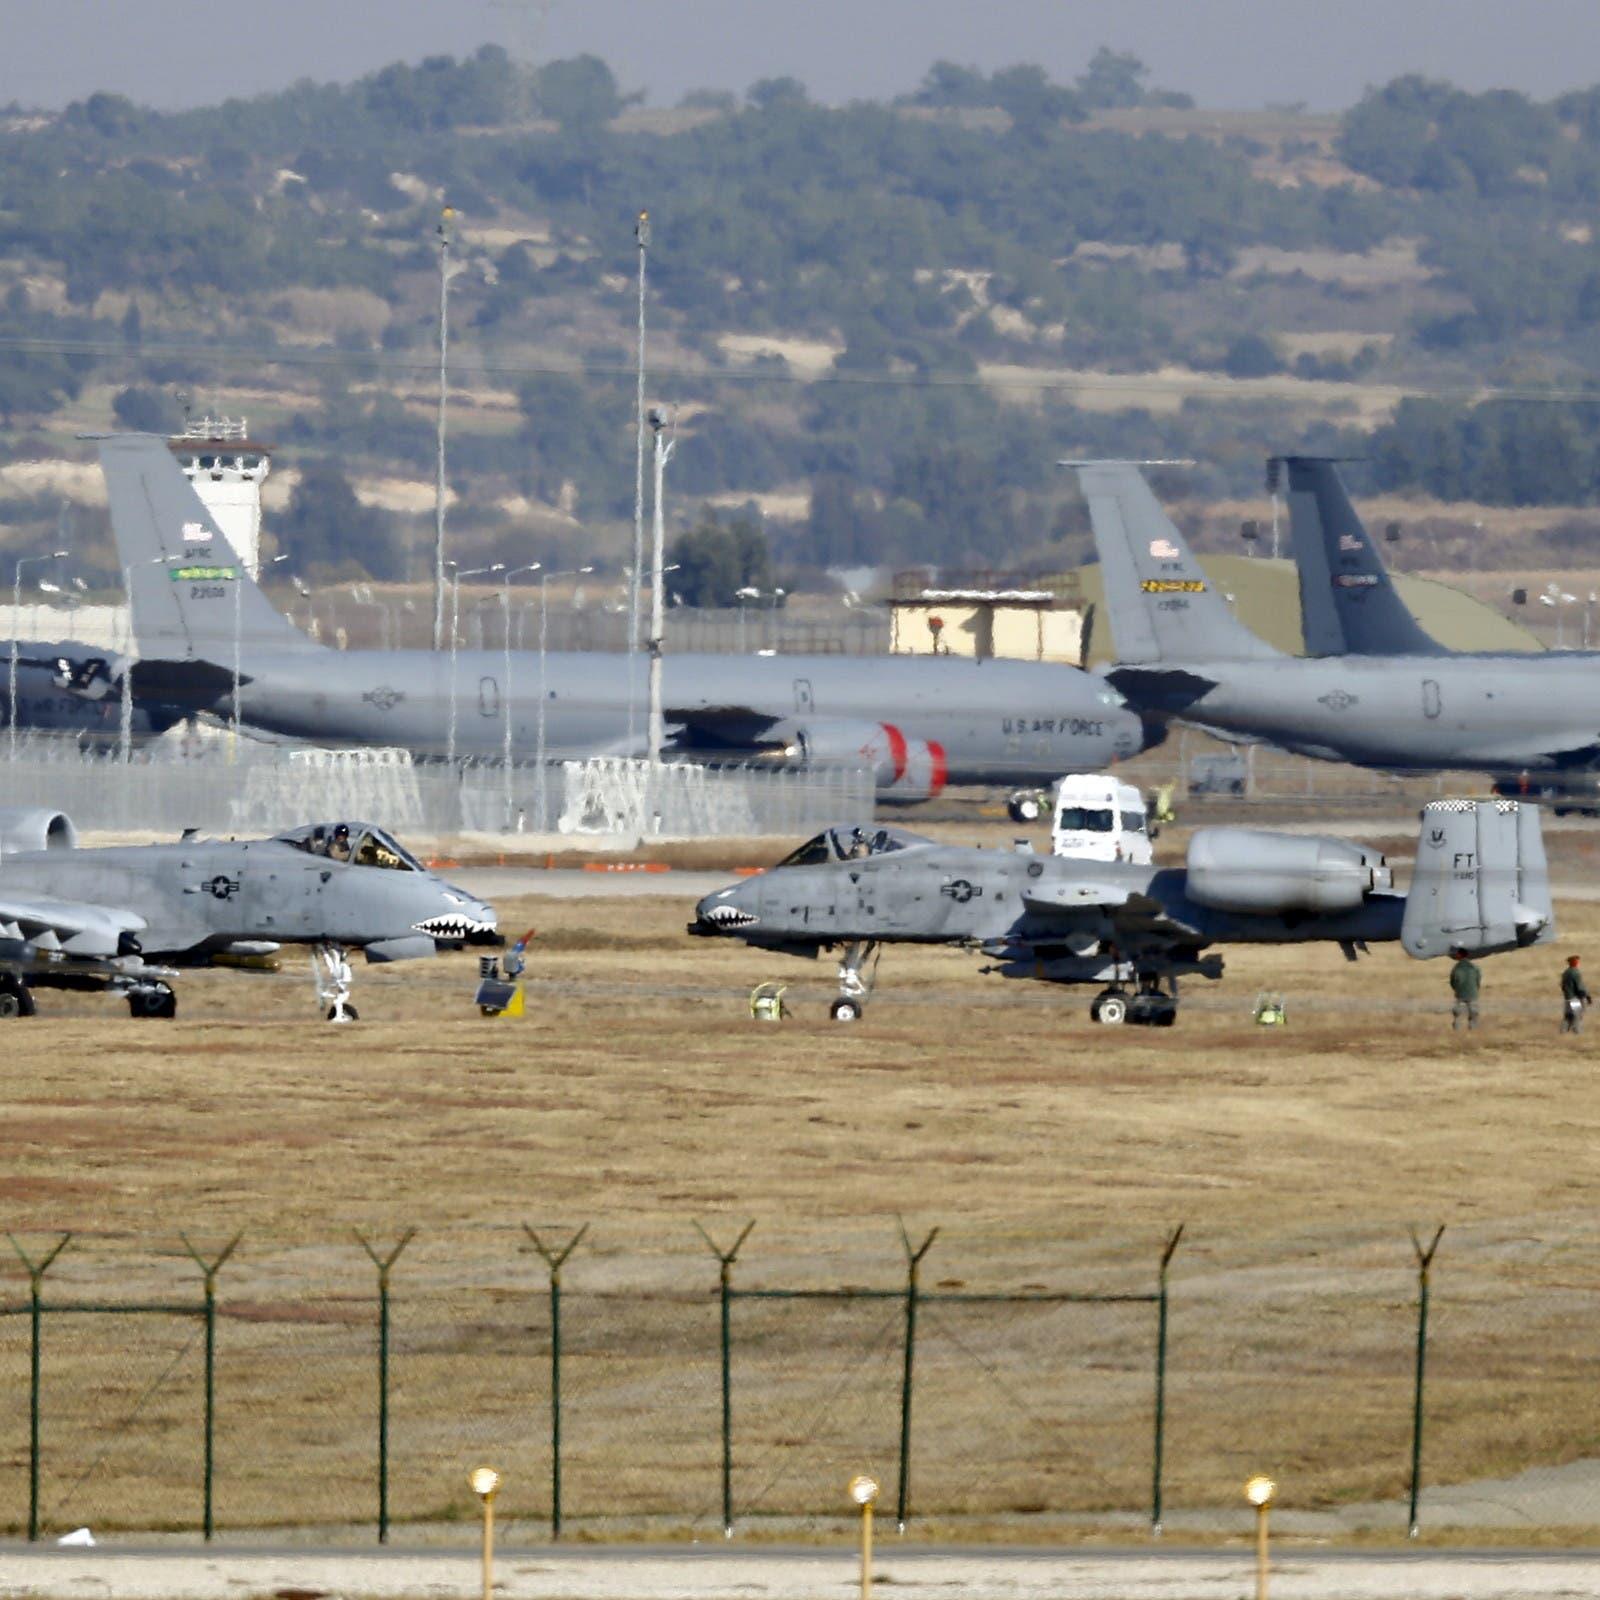 خبراء عسكريون: تركيا لم تعد مخزناً موثوقاً لنووي أميركا